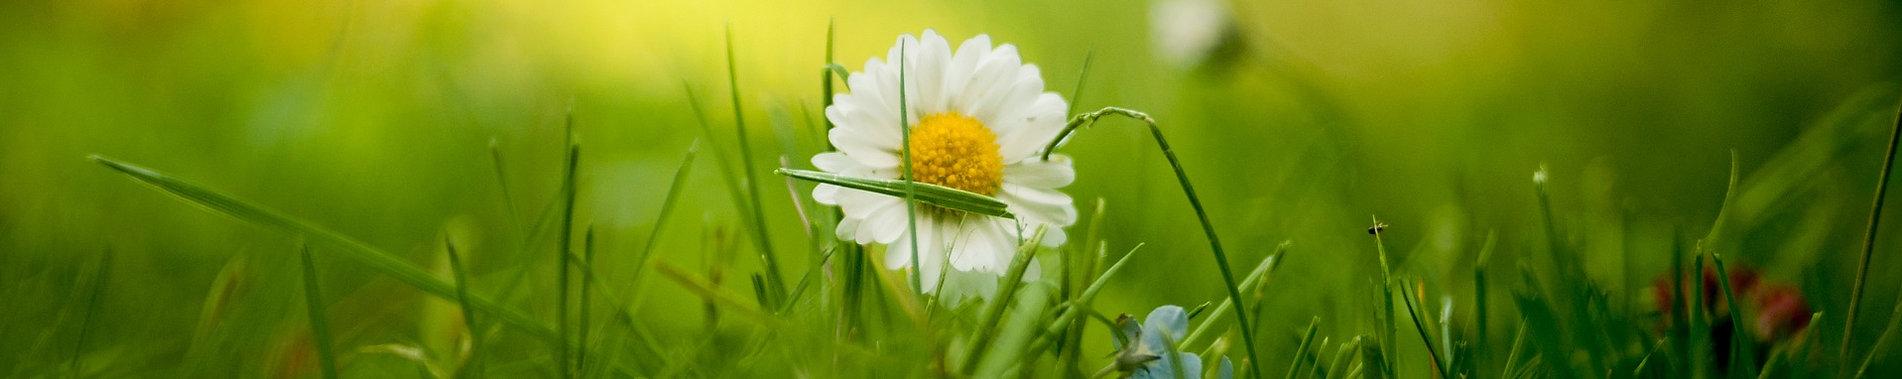 bloom-1834912_1920.jpg